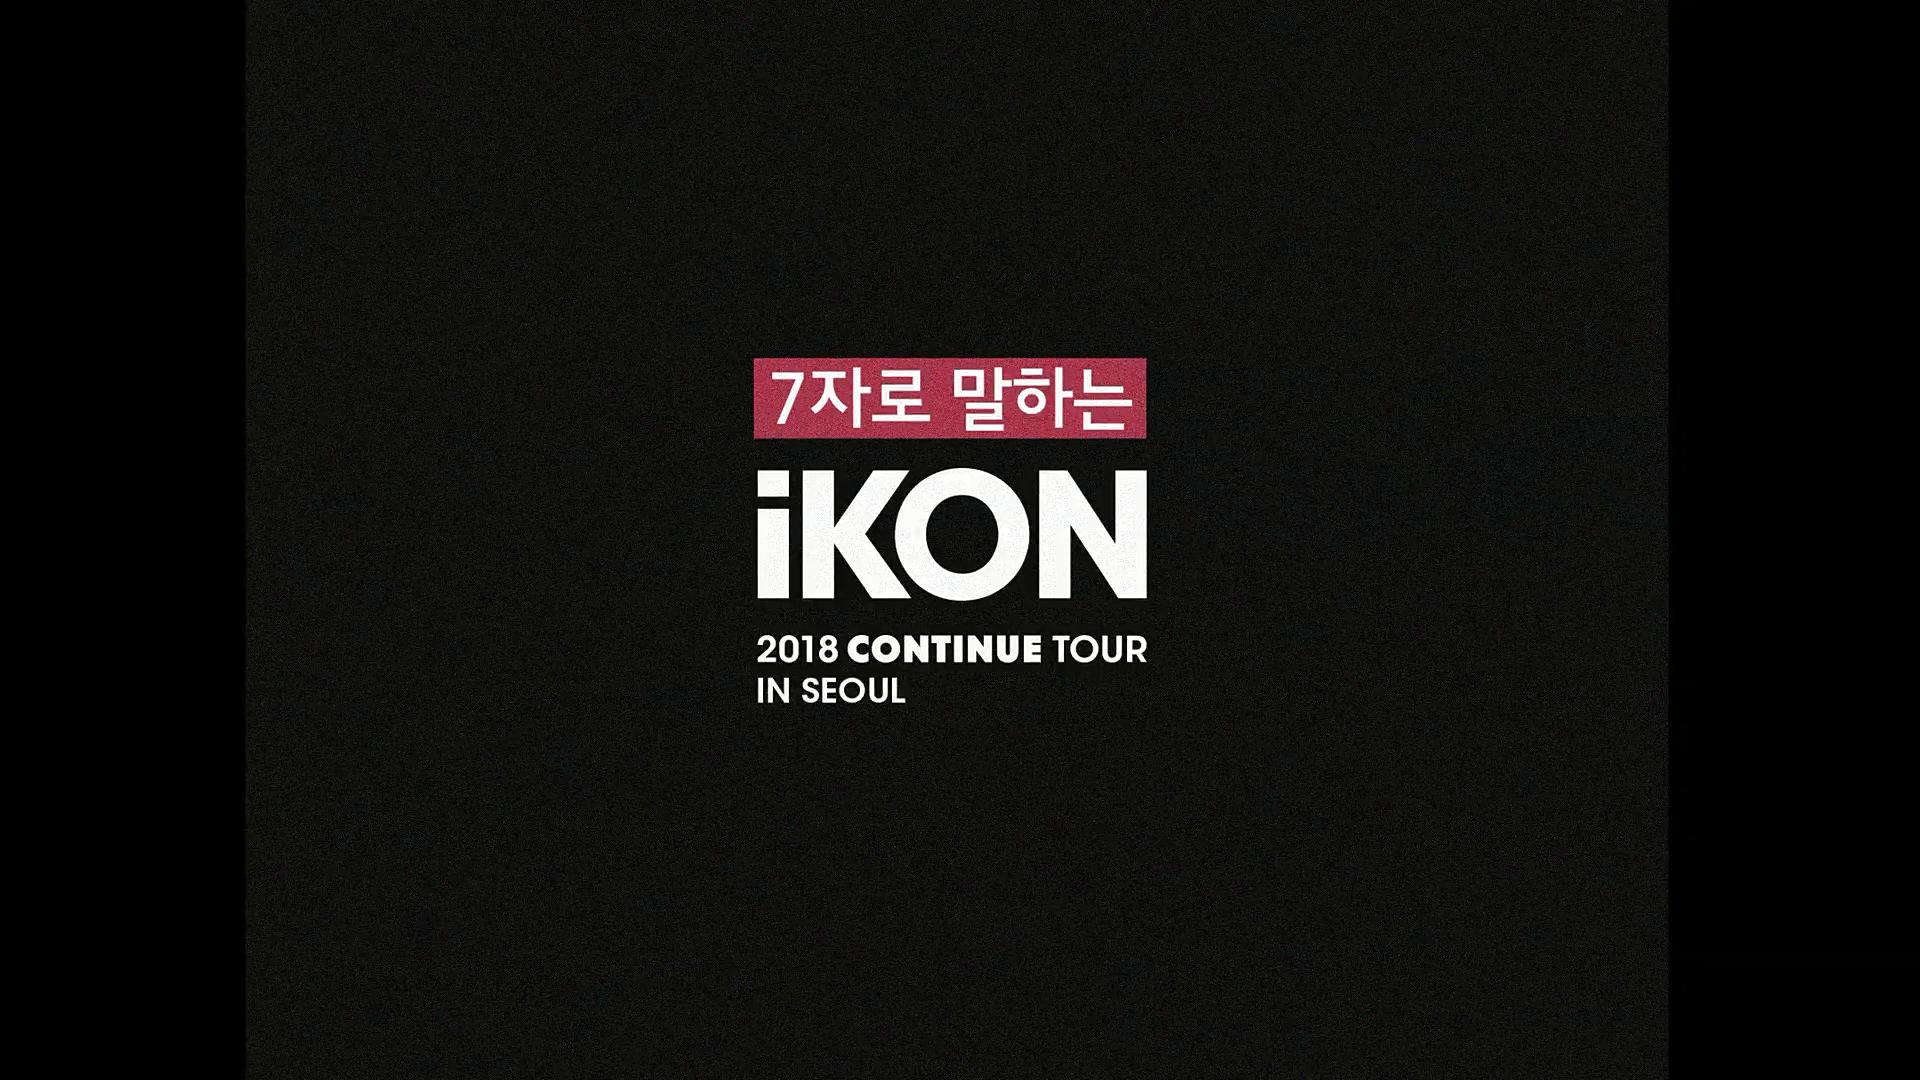 iKON - 2018 CONTINUE TOUR TEASER #3